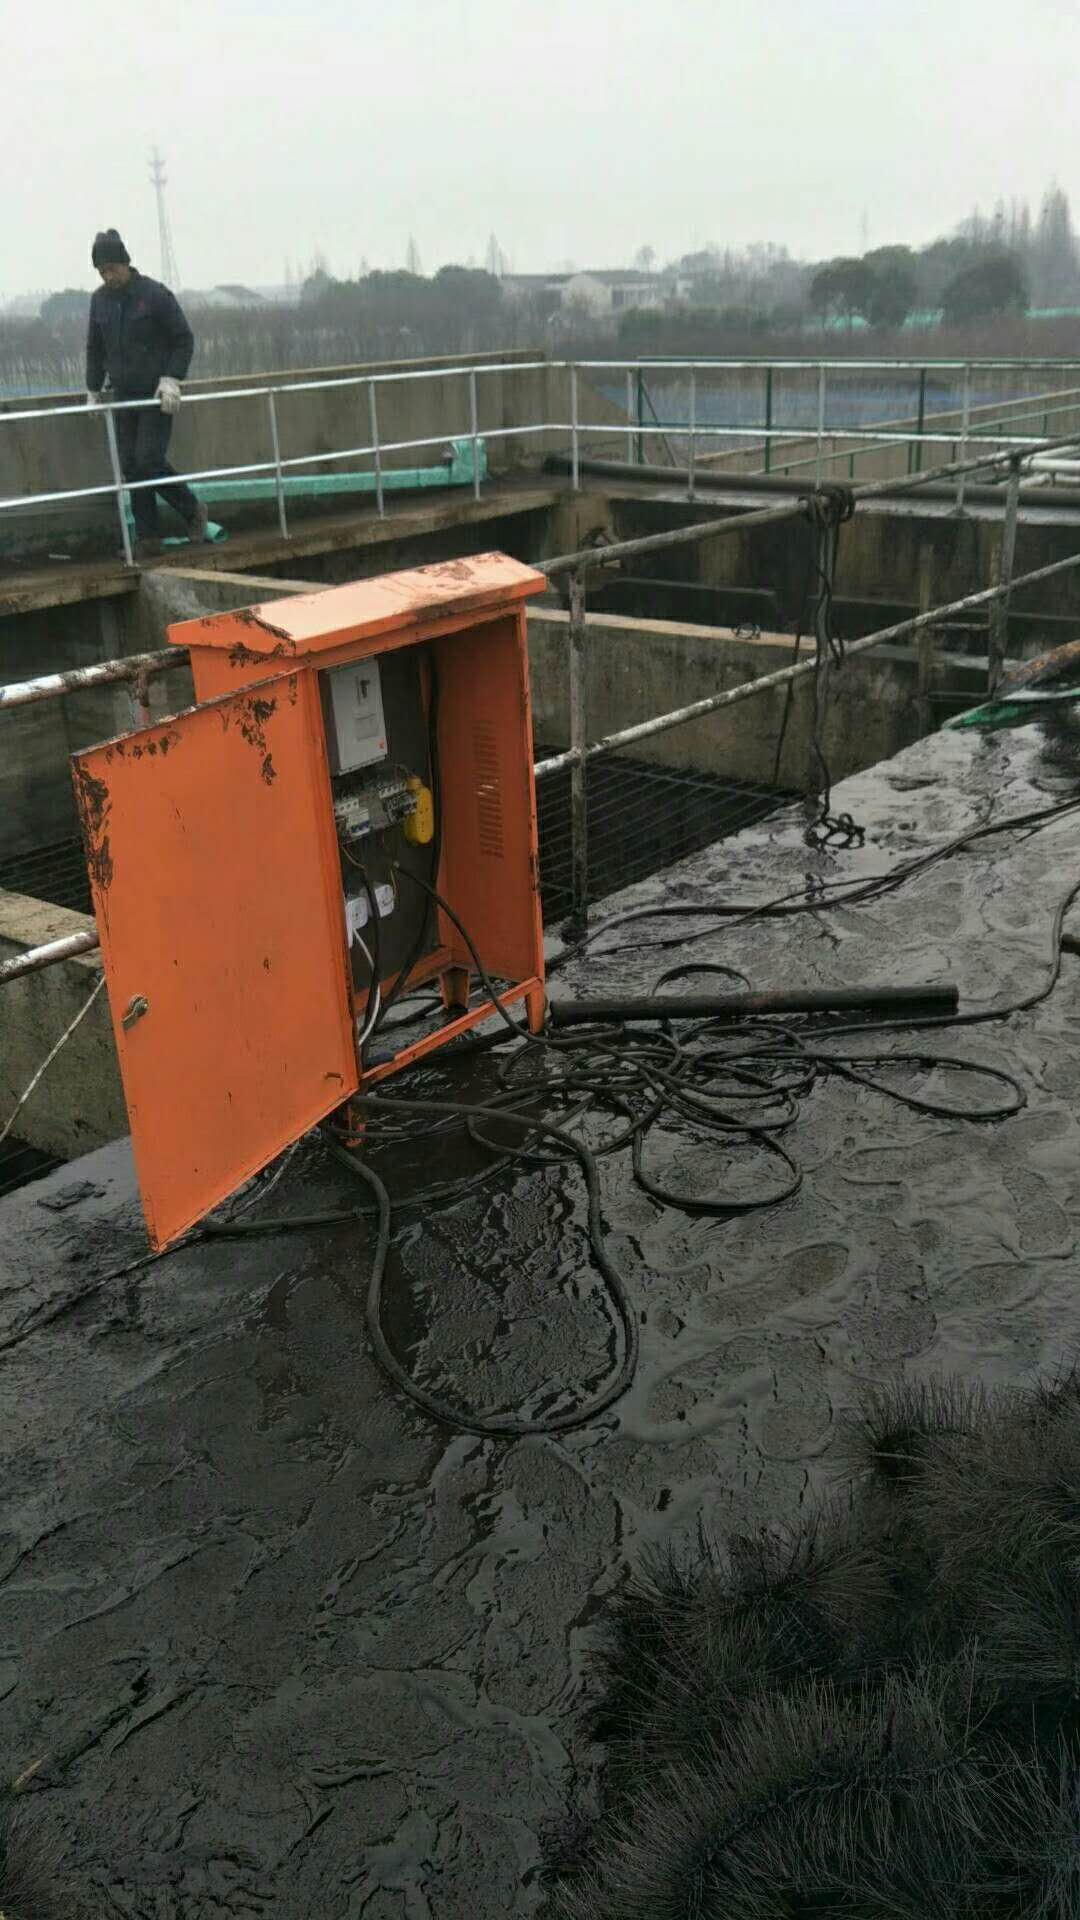 嘉兴市秀洲区嘉北街道清理填料池技术到位